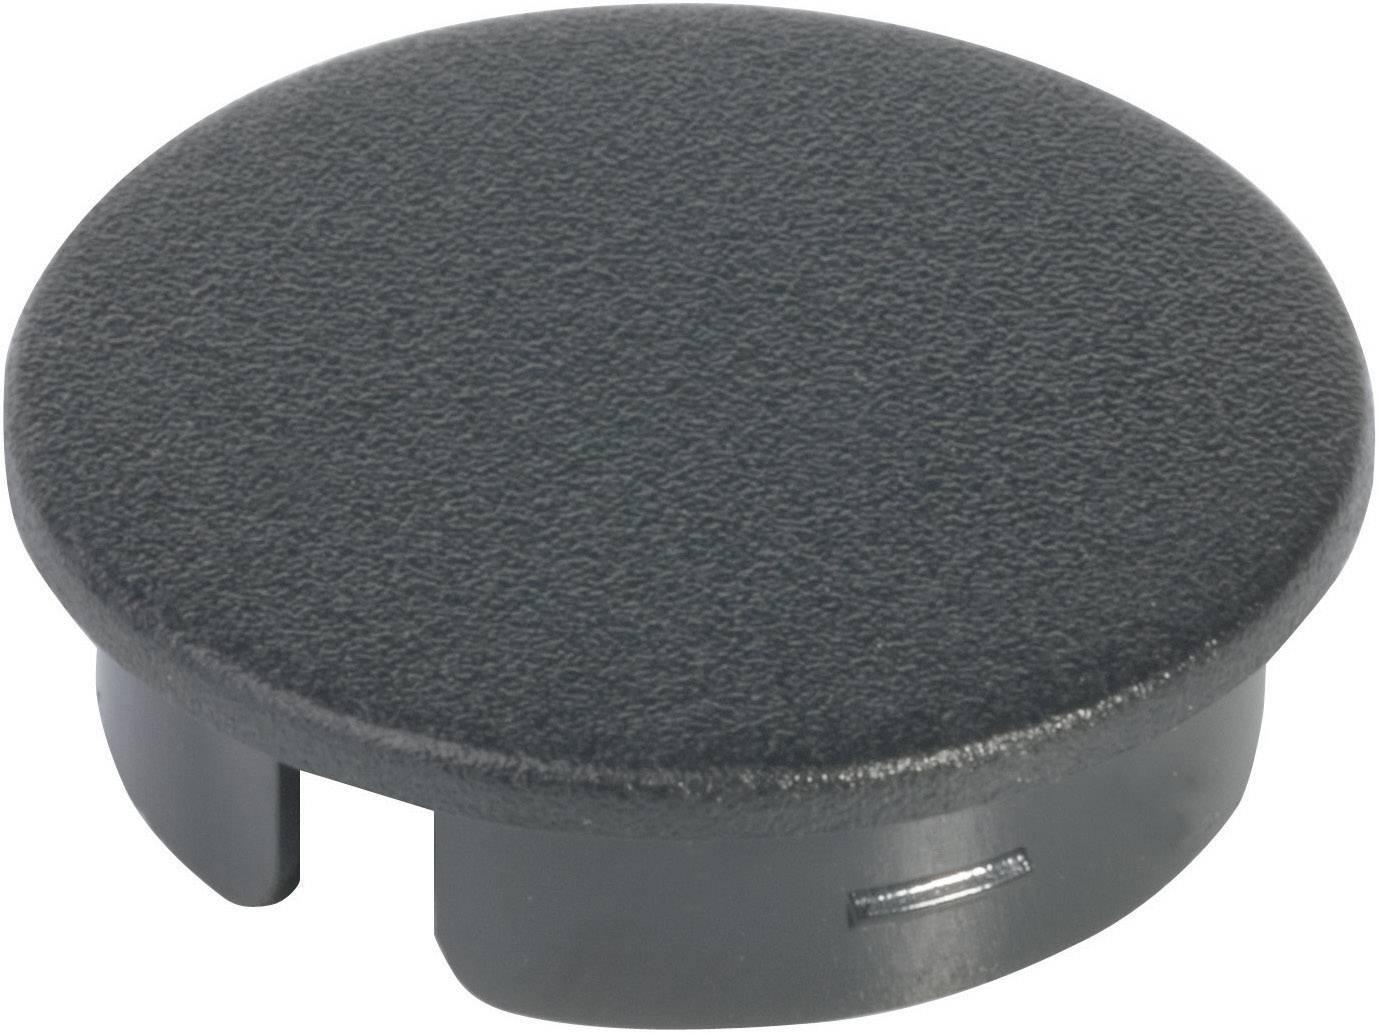 Krytka na otočný knoflík s ukazatelem OKW, pro knoflíky/O 23 mm, černá